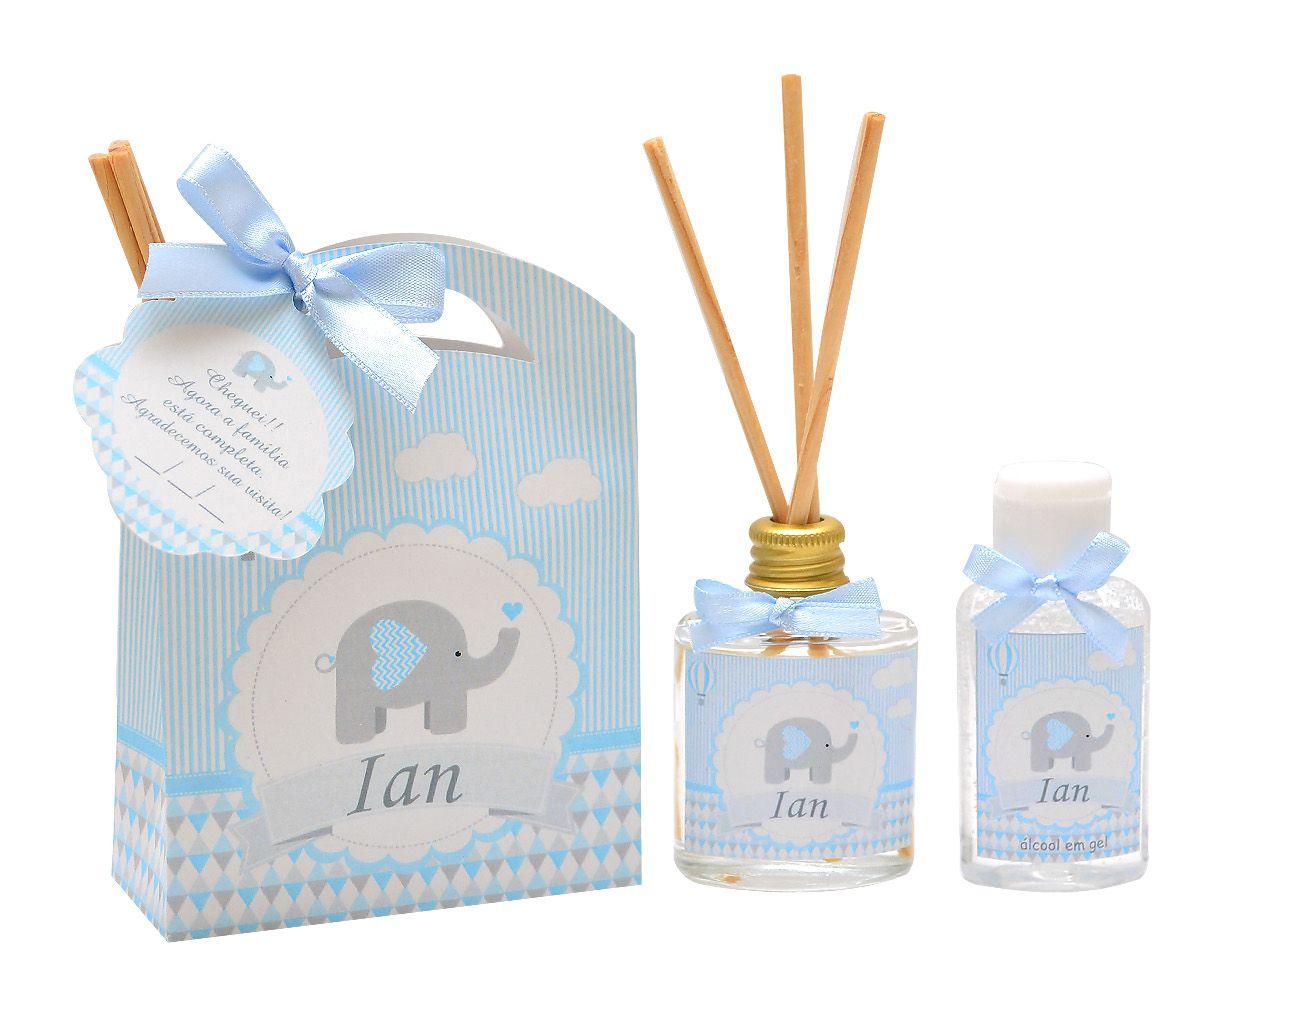 10 Lembrancinhas personalizadas caixinha com difusor e ambiente e álcool em gel tema elefantinho  - Valentina Milan Lembrancinhas